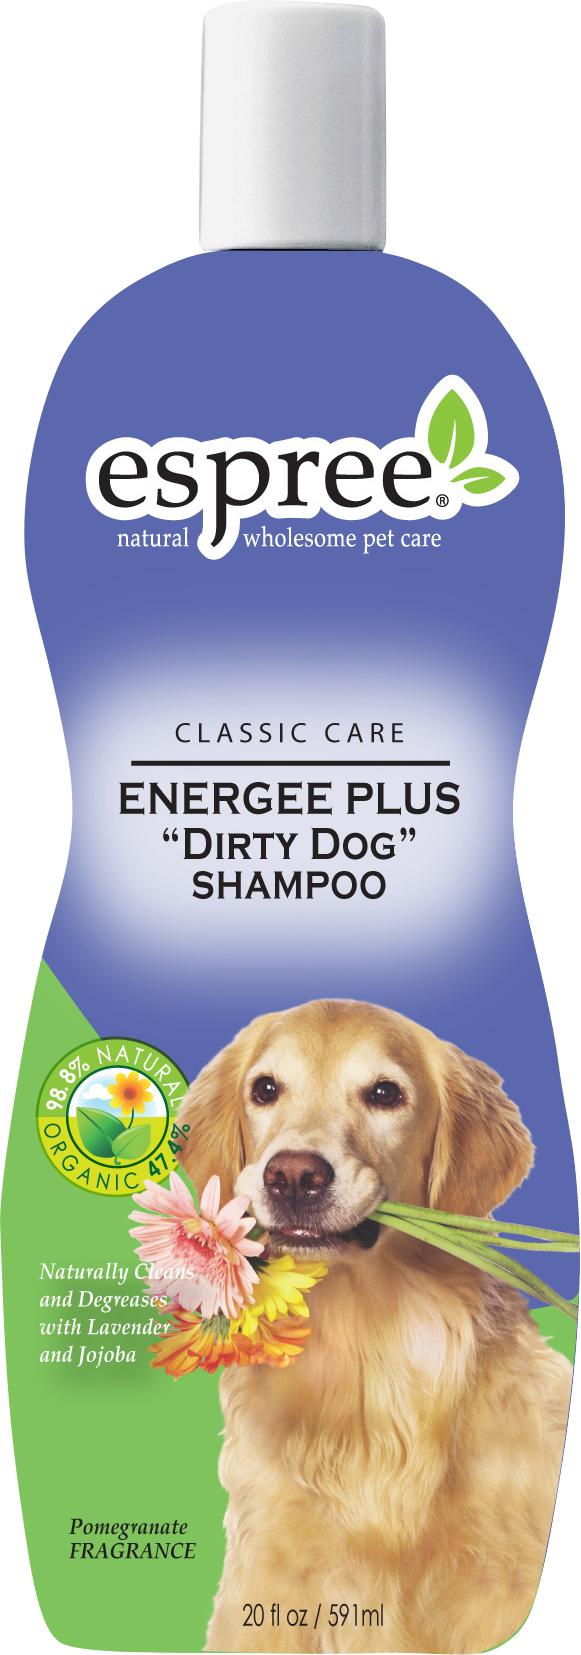 Hundschampo Espree Energee Plus, 355 ml